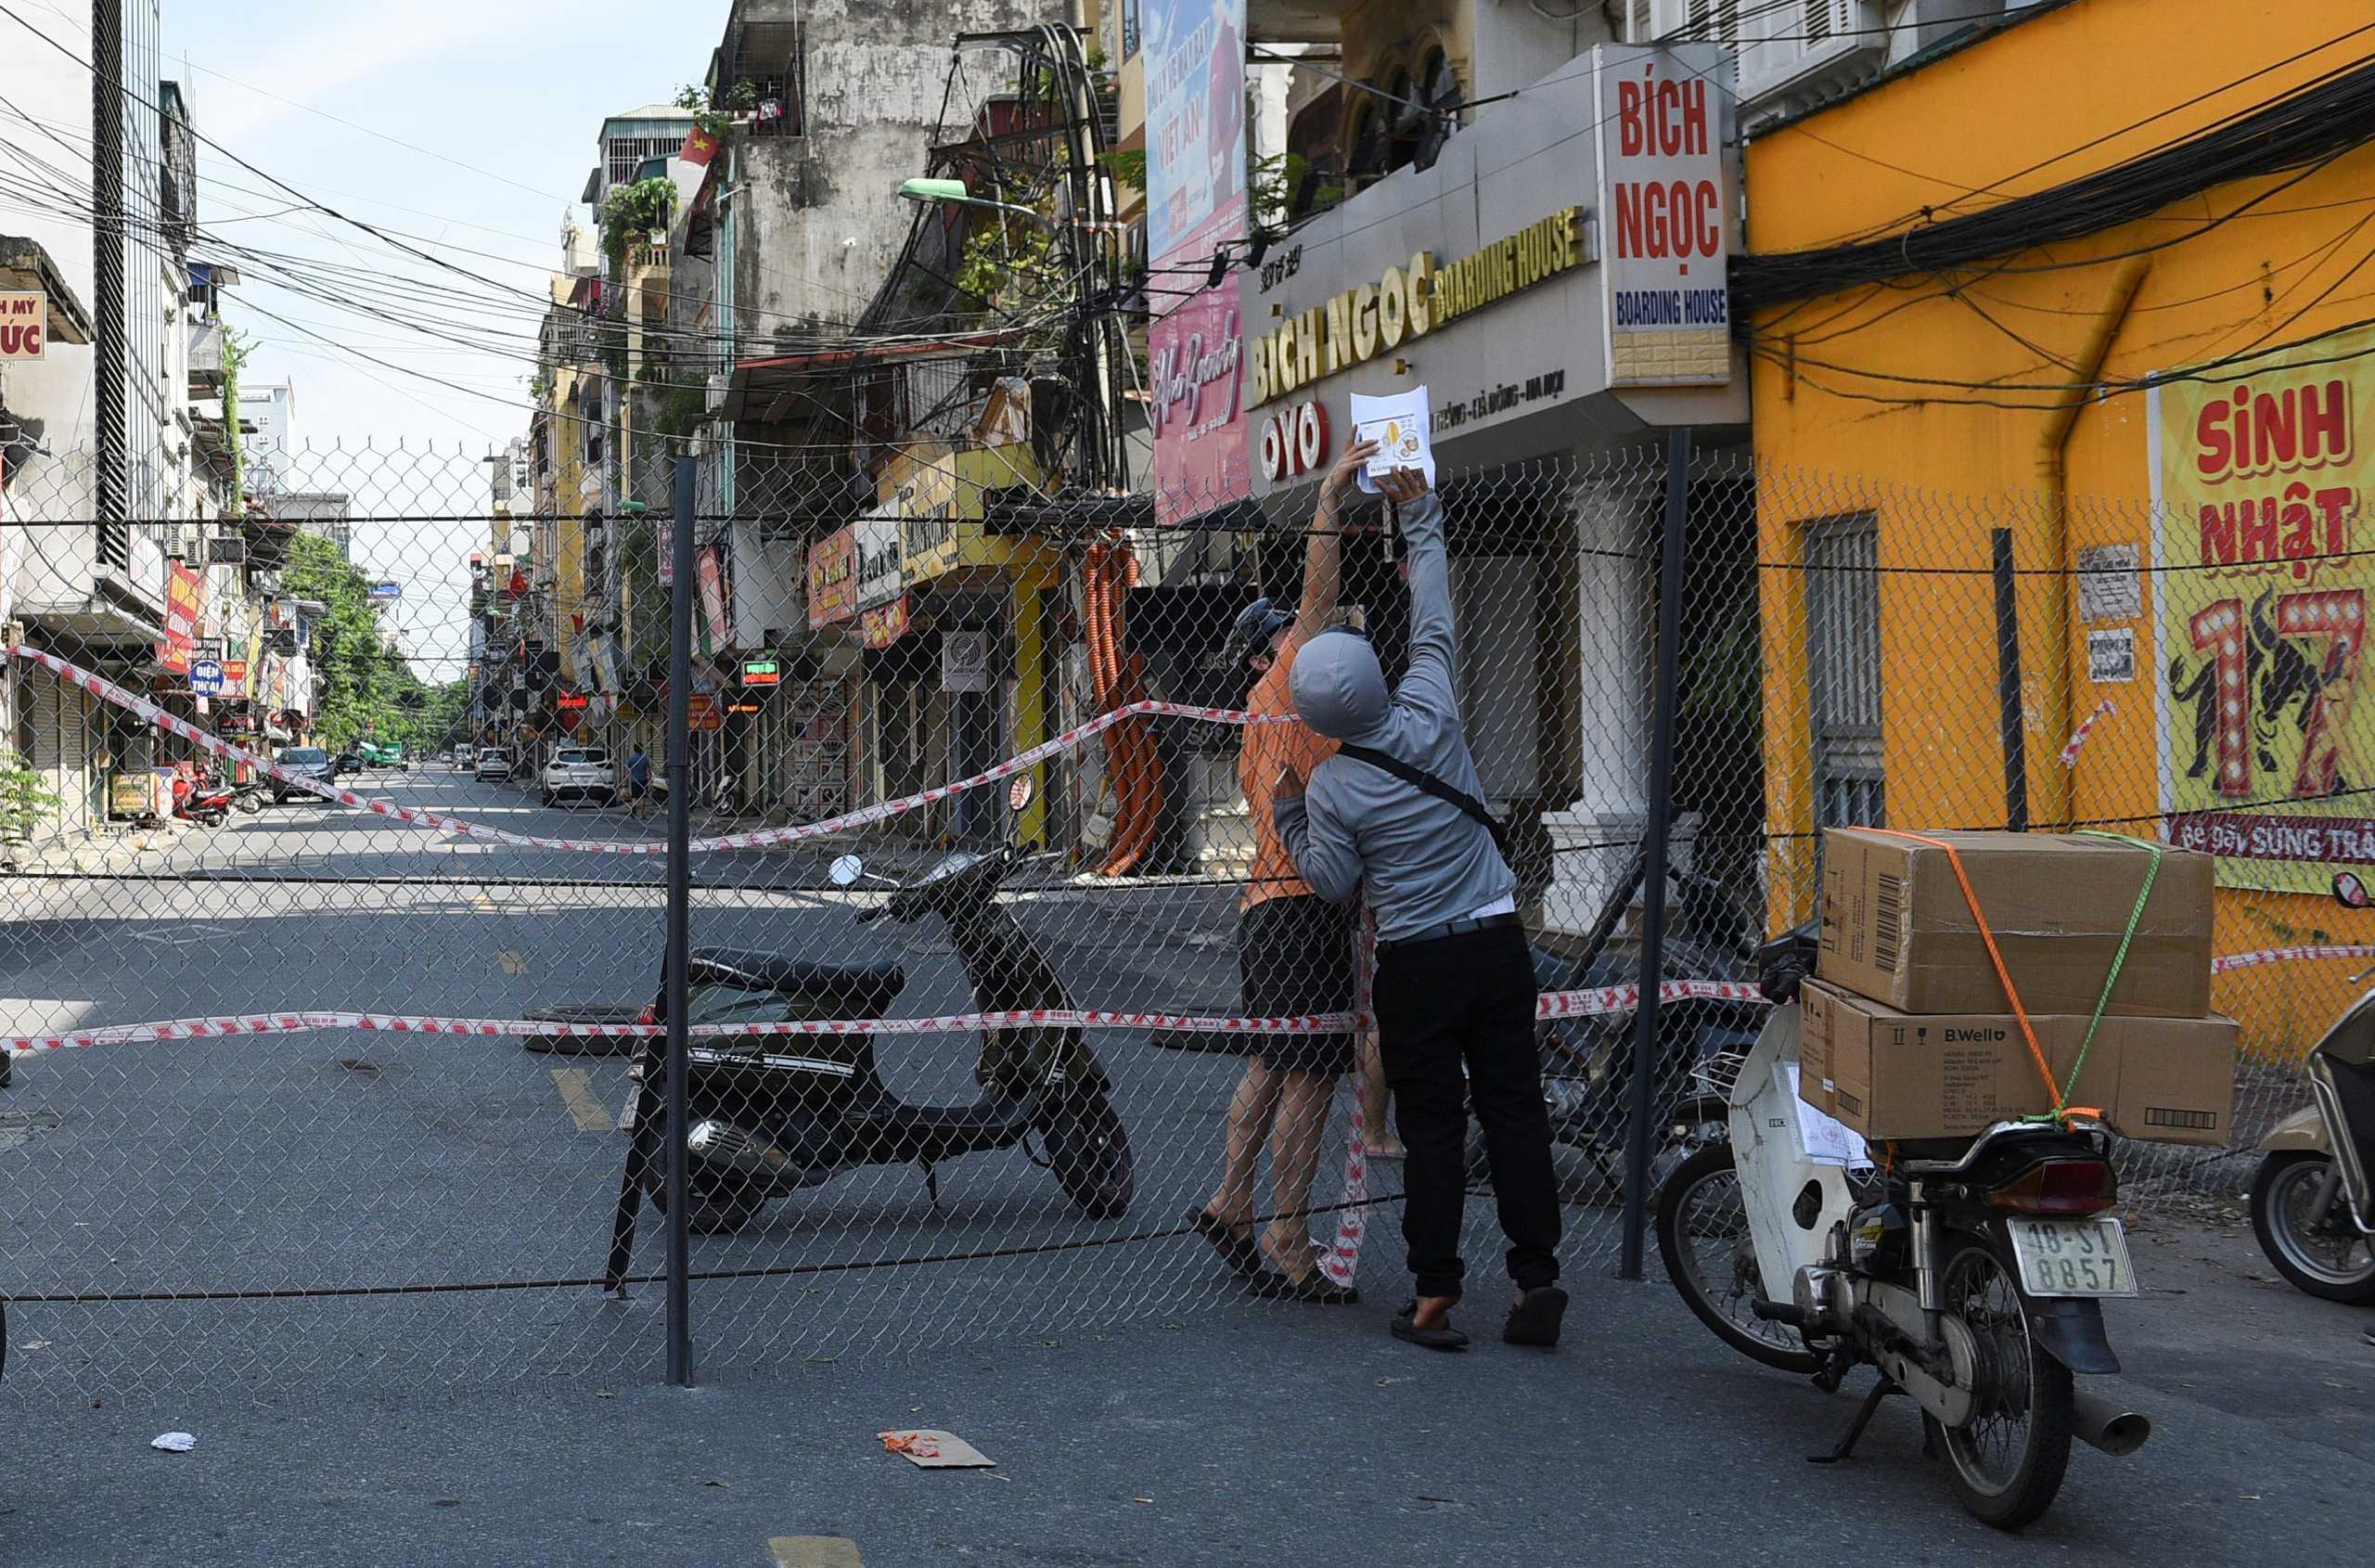 Κορονοϊός: 5 χρόνια στη φυλακή γιατί παραβίασε την καραντίνα ένας Βιετναμέζος